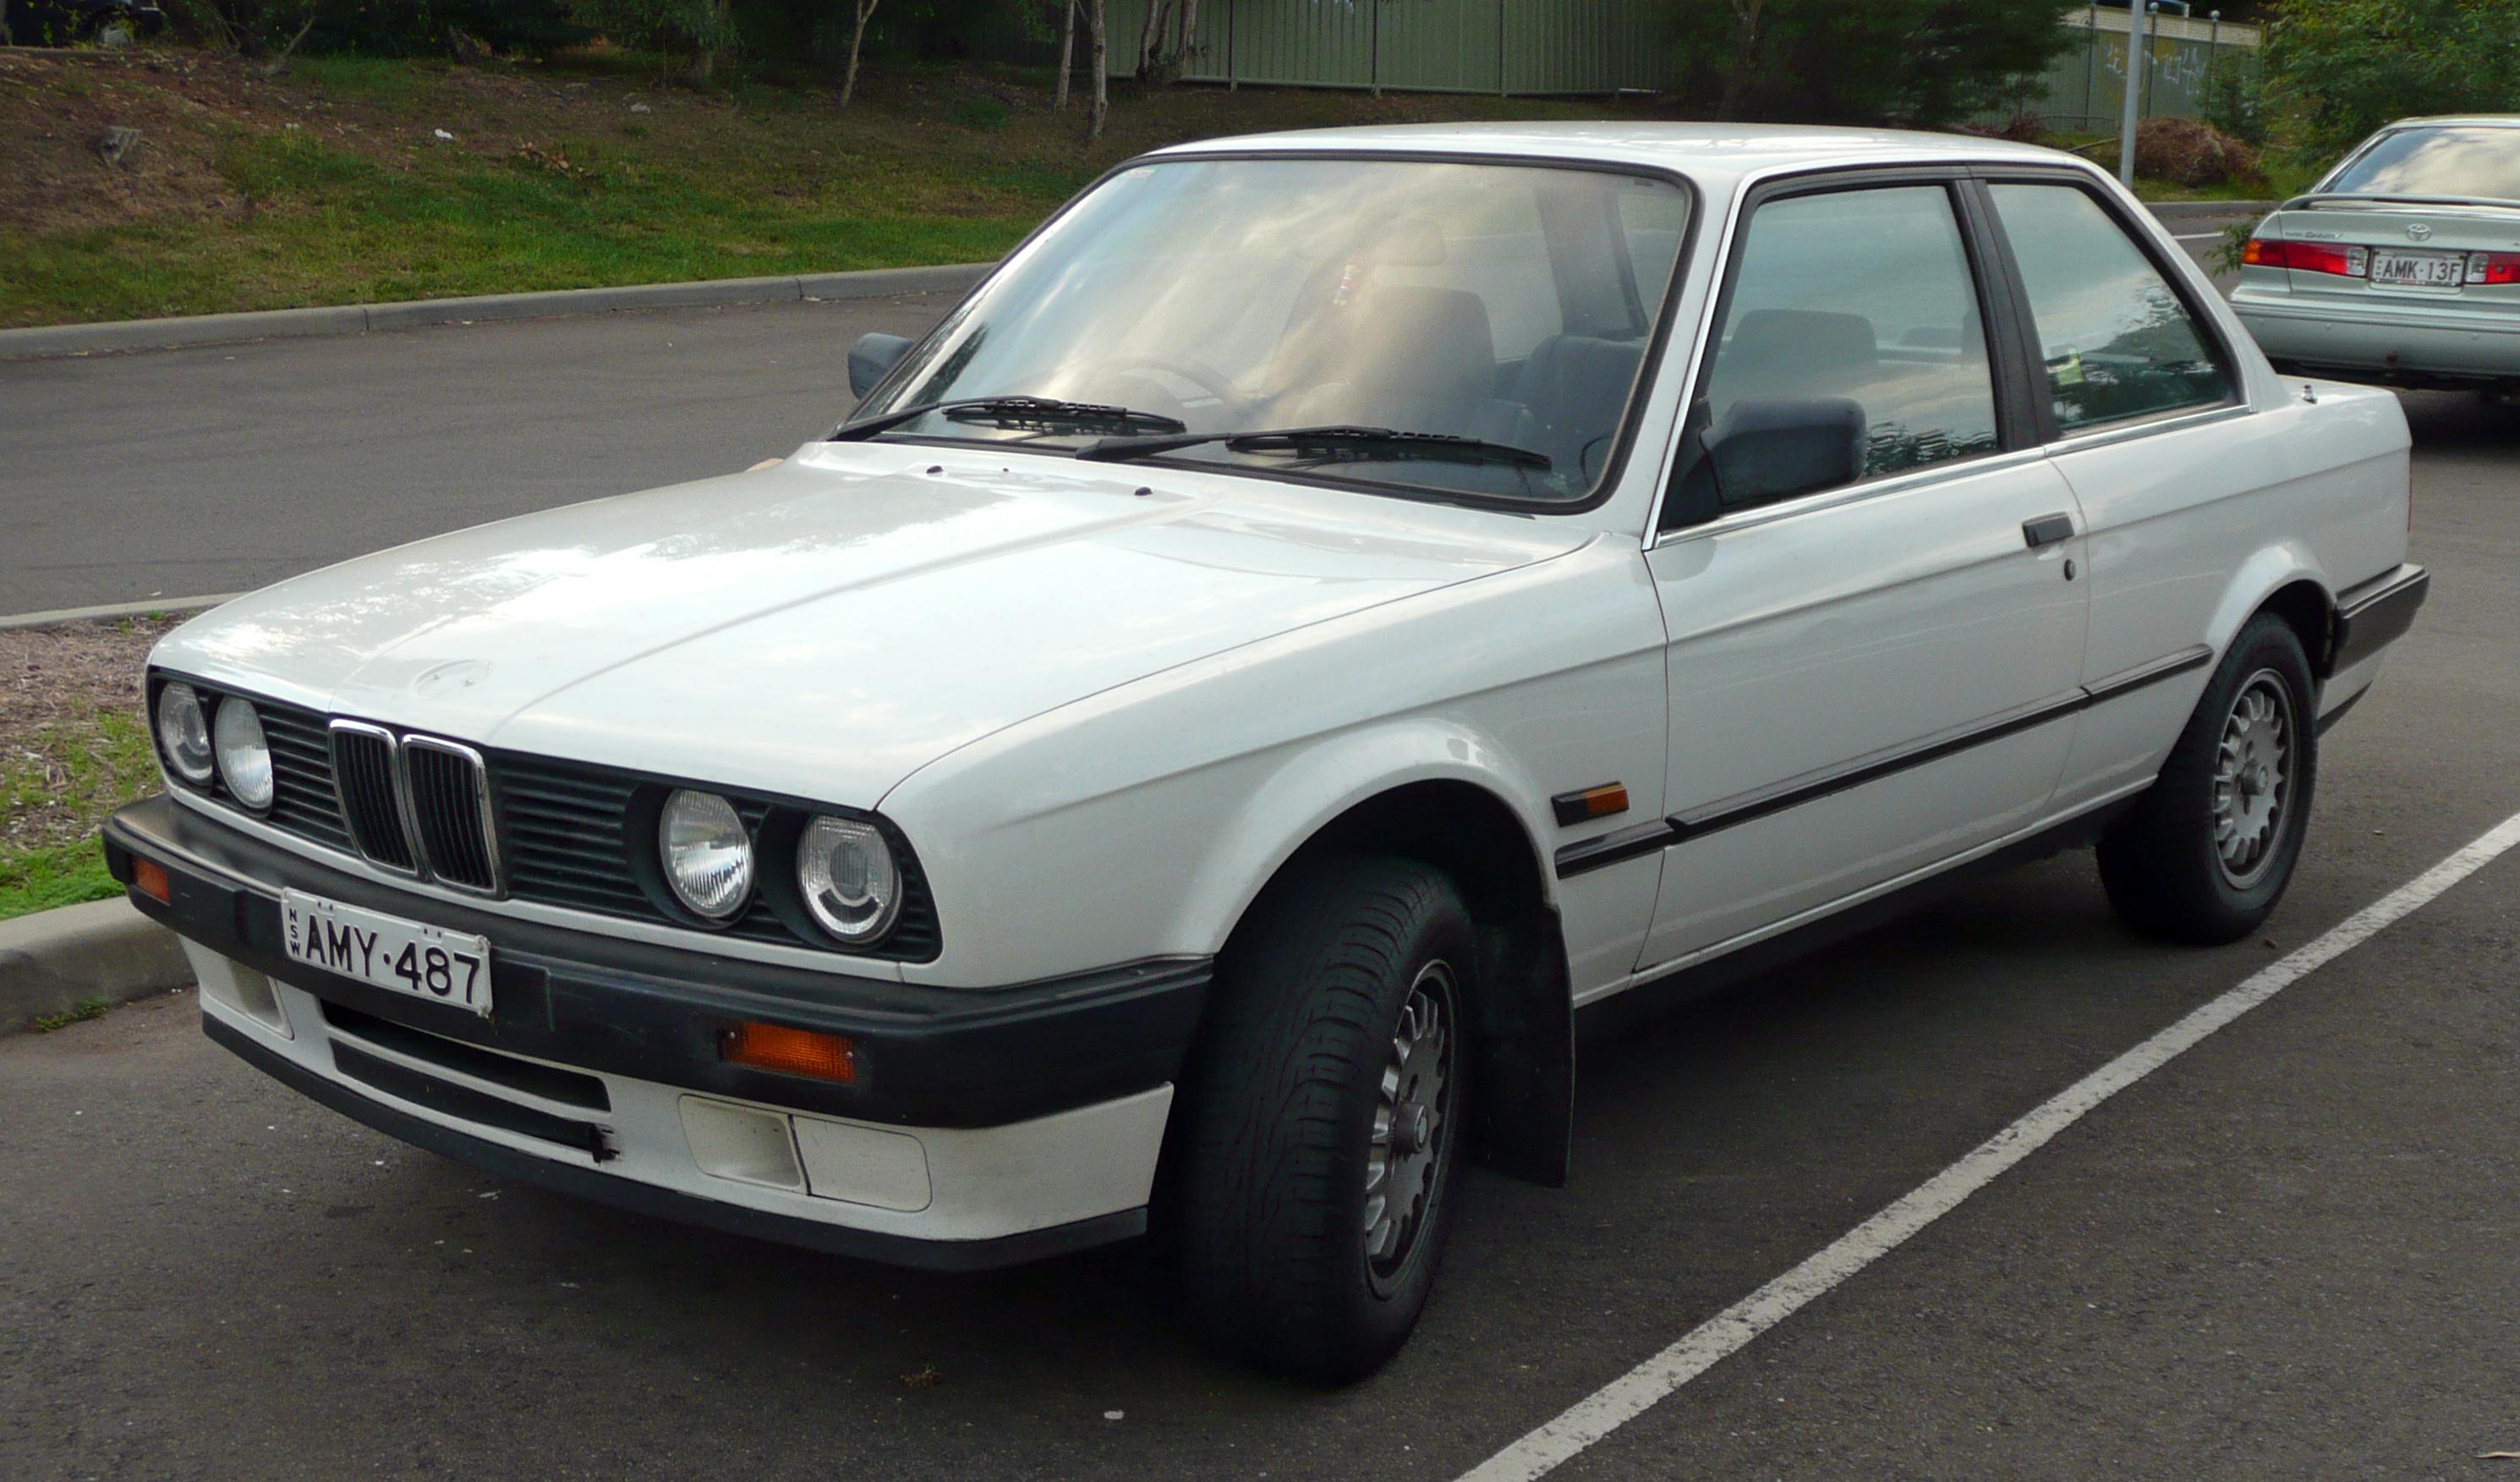 Description 2005-2008 BMW 320i (E90) sedan (2011-07-17) 01.jpg